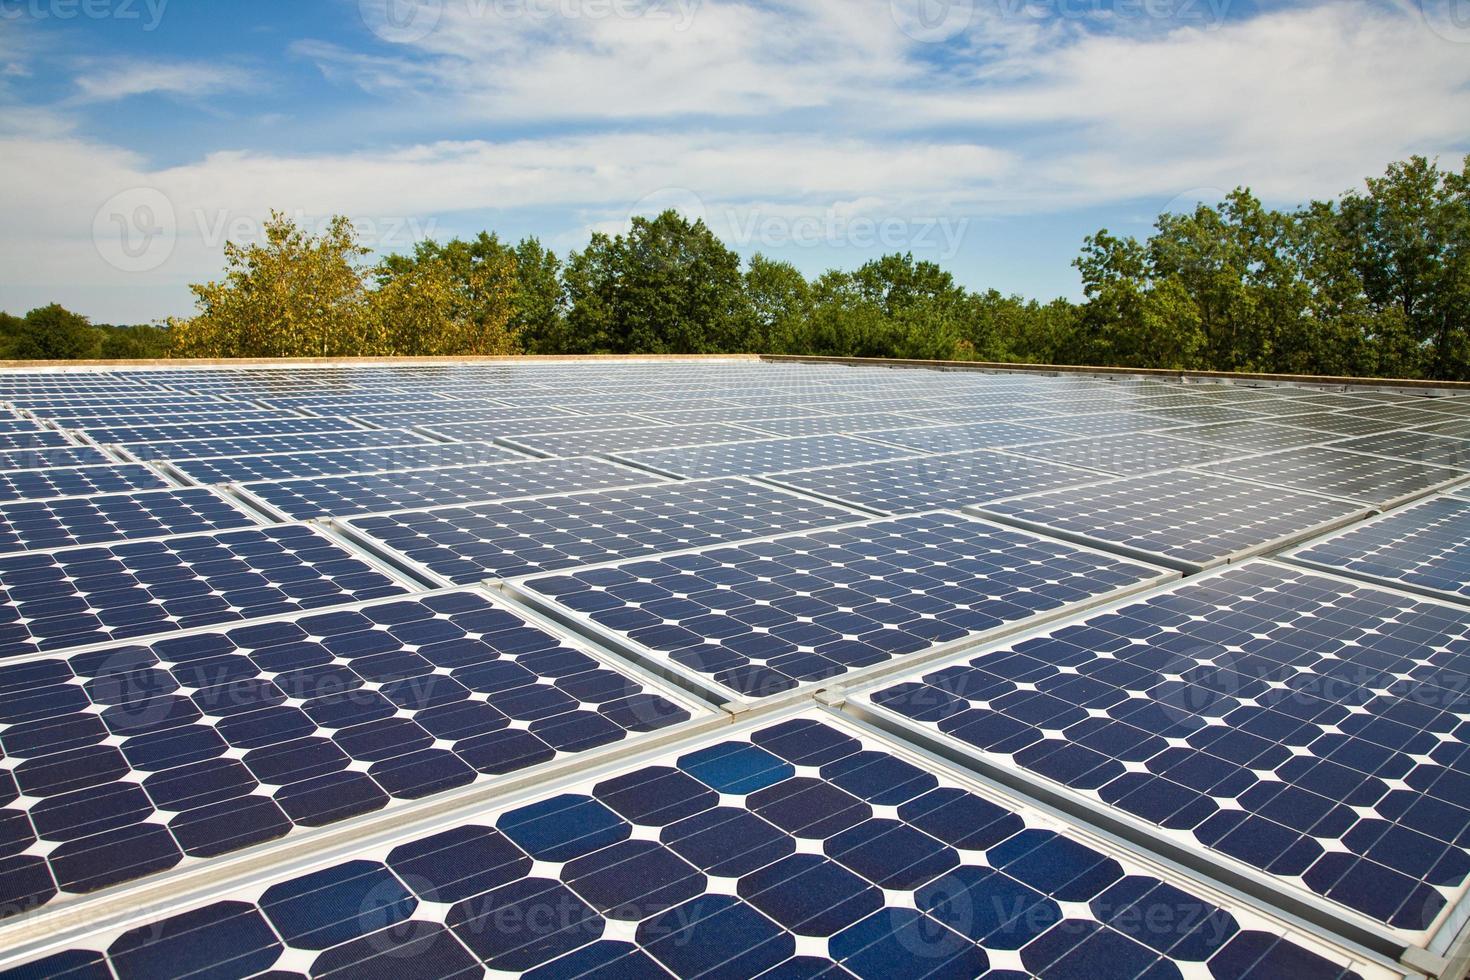 solpaneler på taket i småföretag foto